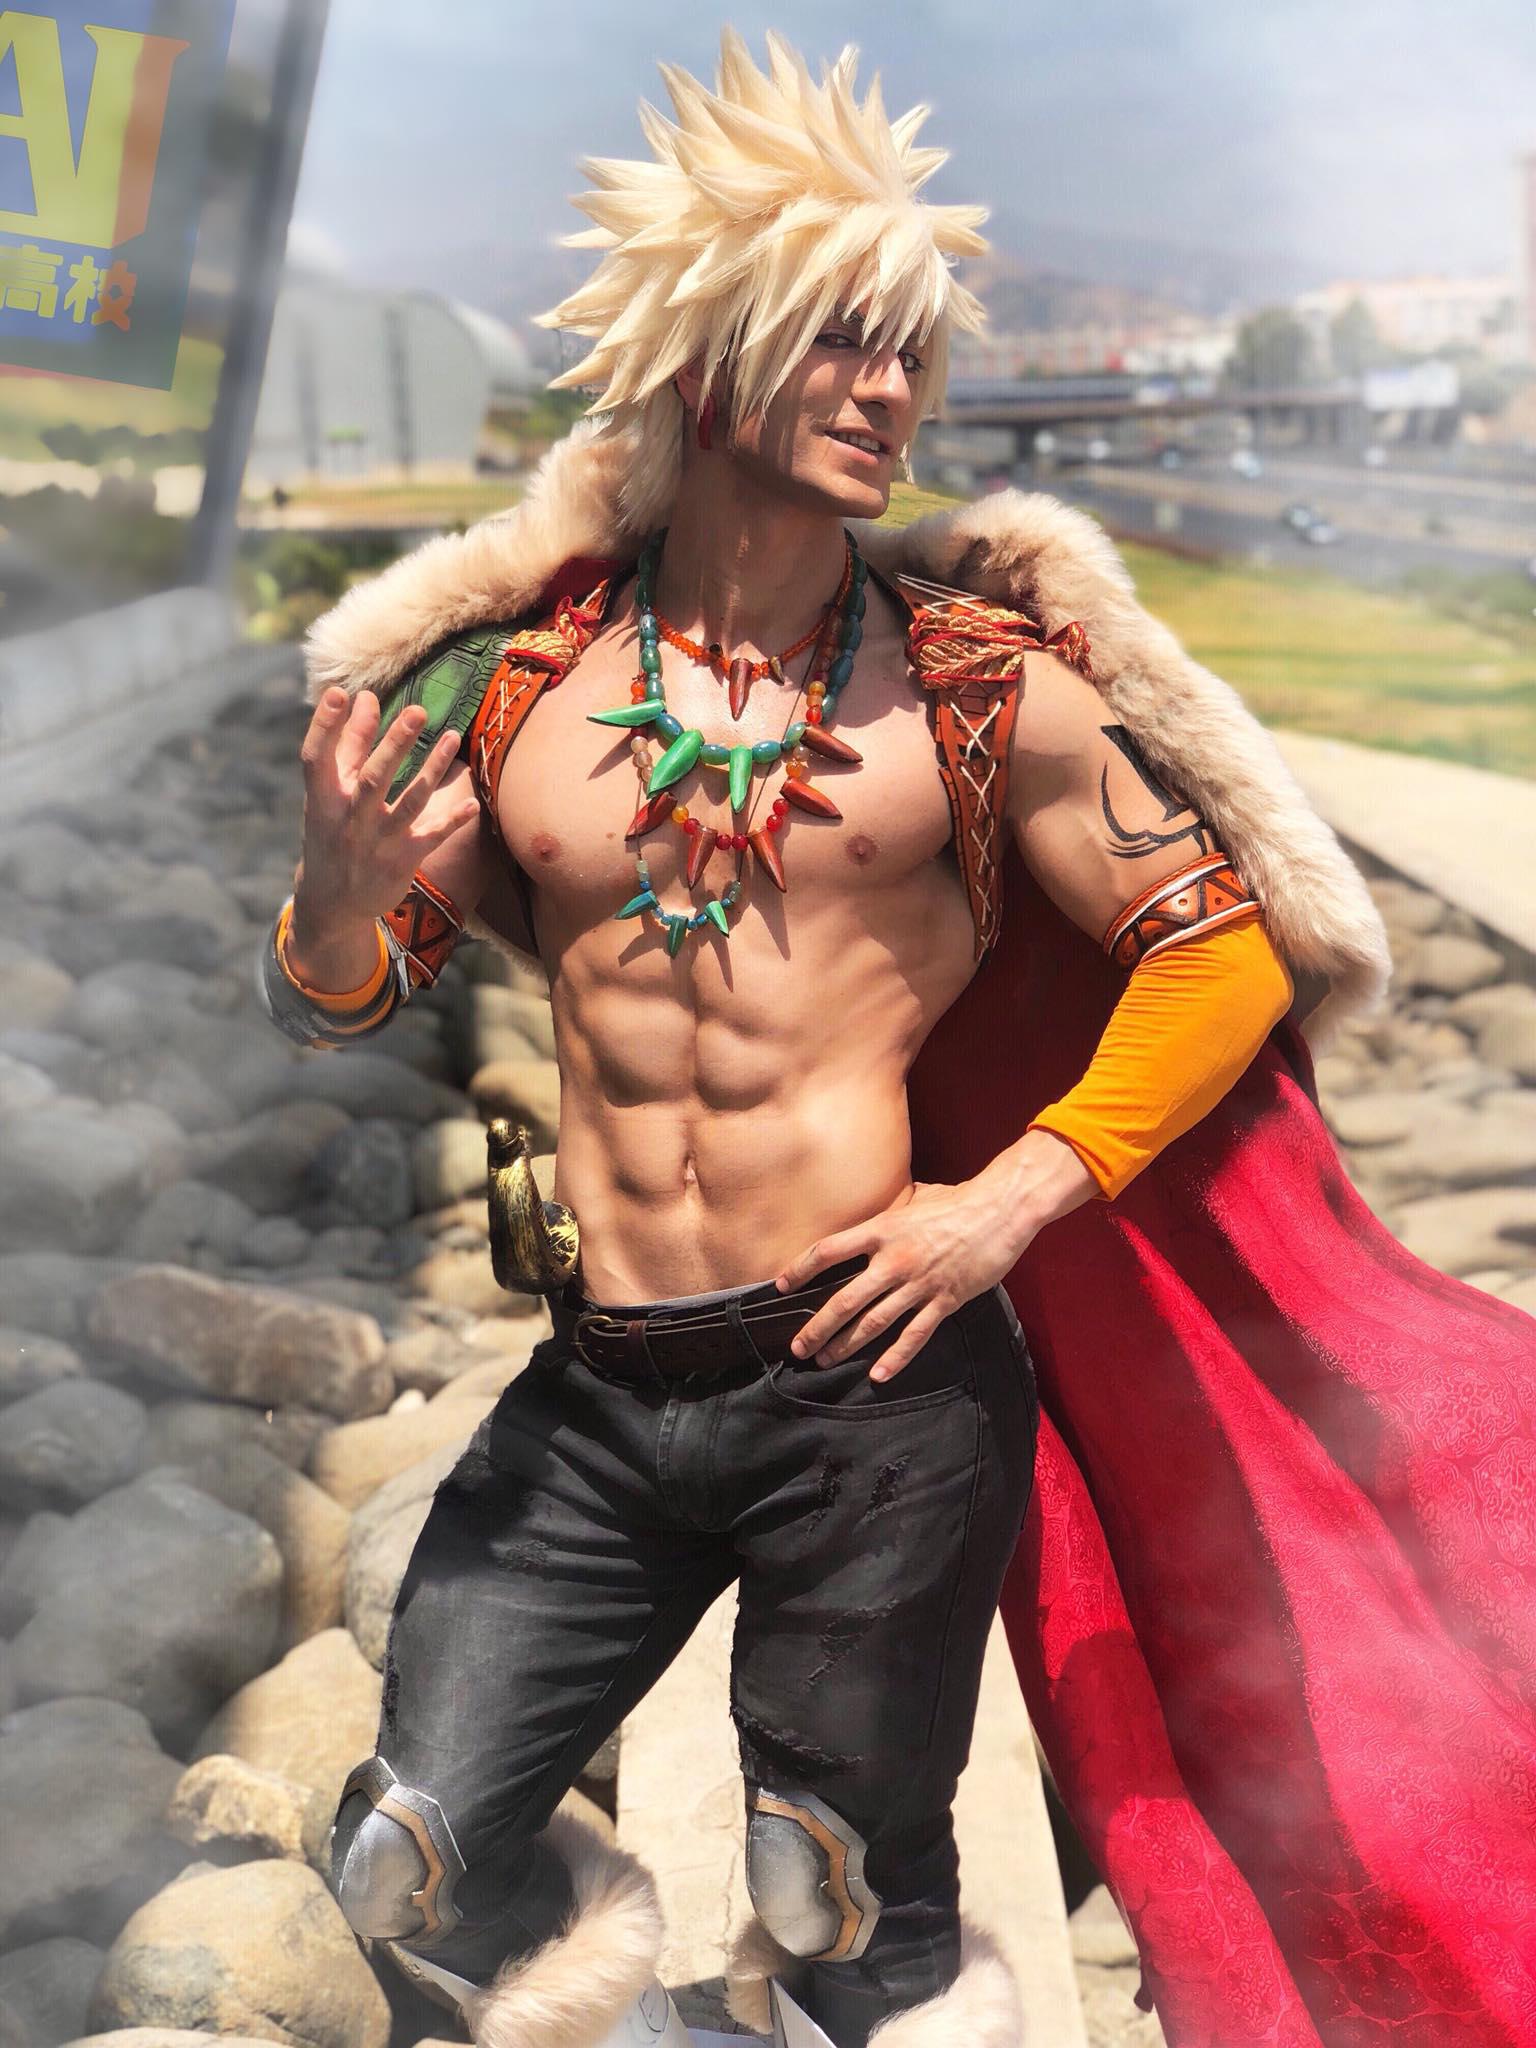 Fantasy BAKUGOU - My Hero Academia Cosplay HD by LeonChiroCosplayArt